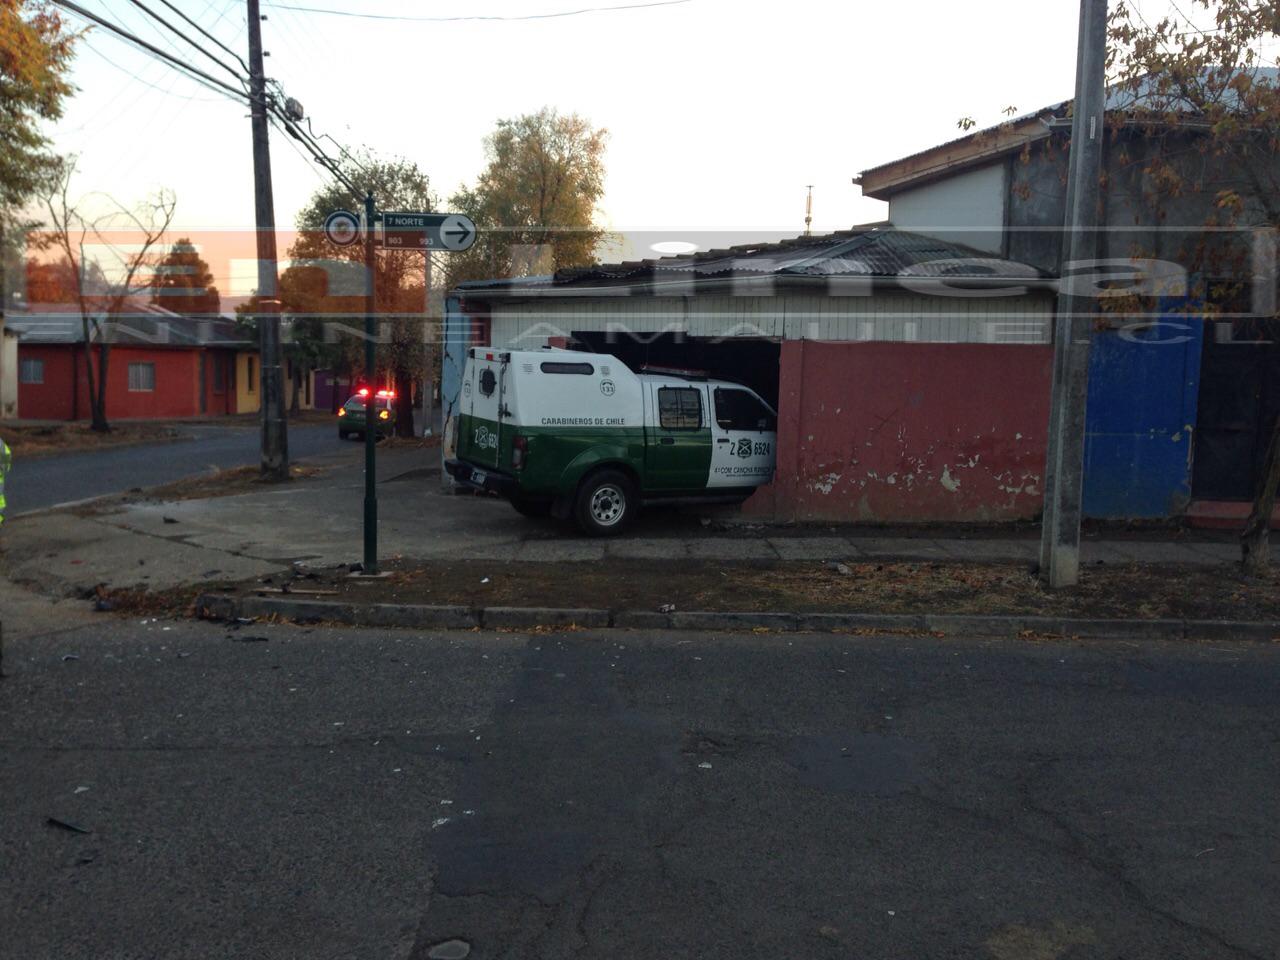 Vehículo policial se incrusta en botillería resultando un carabinero lesionado en Talca